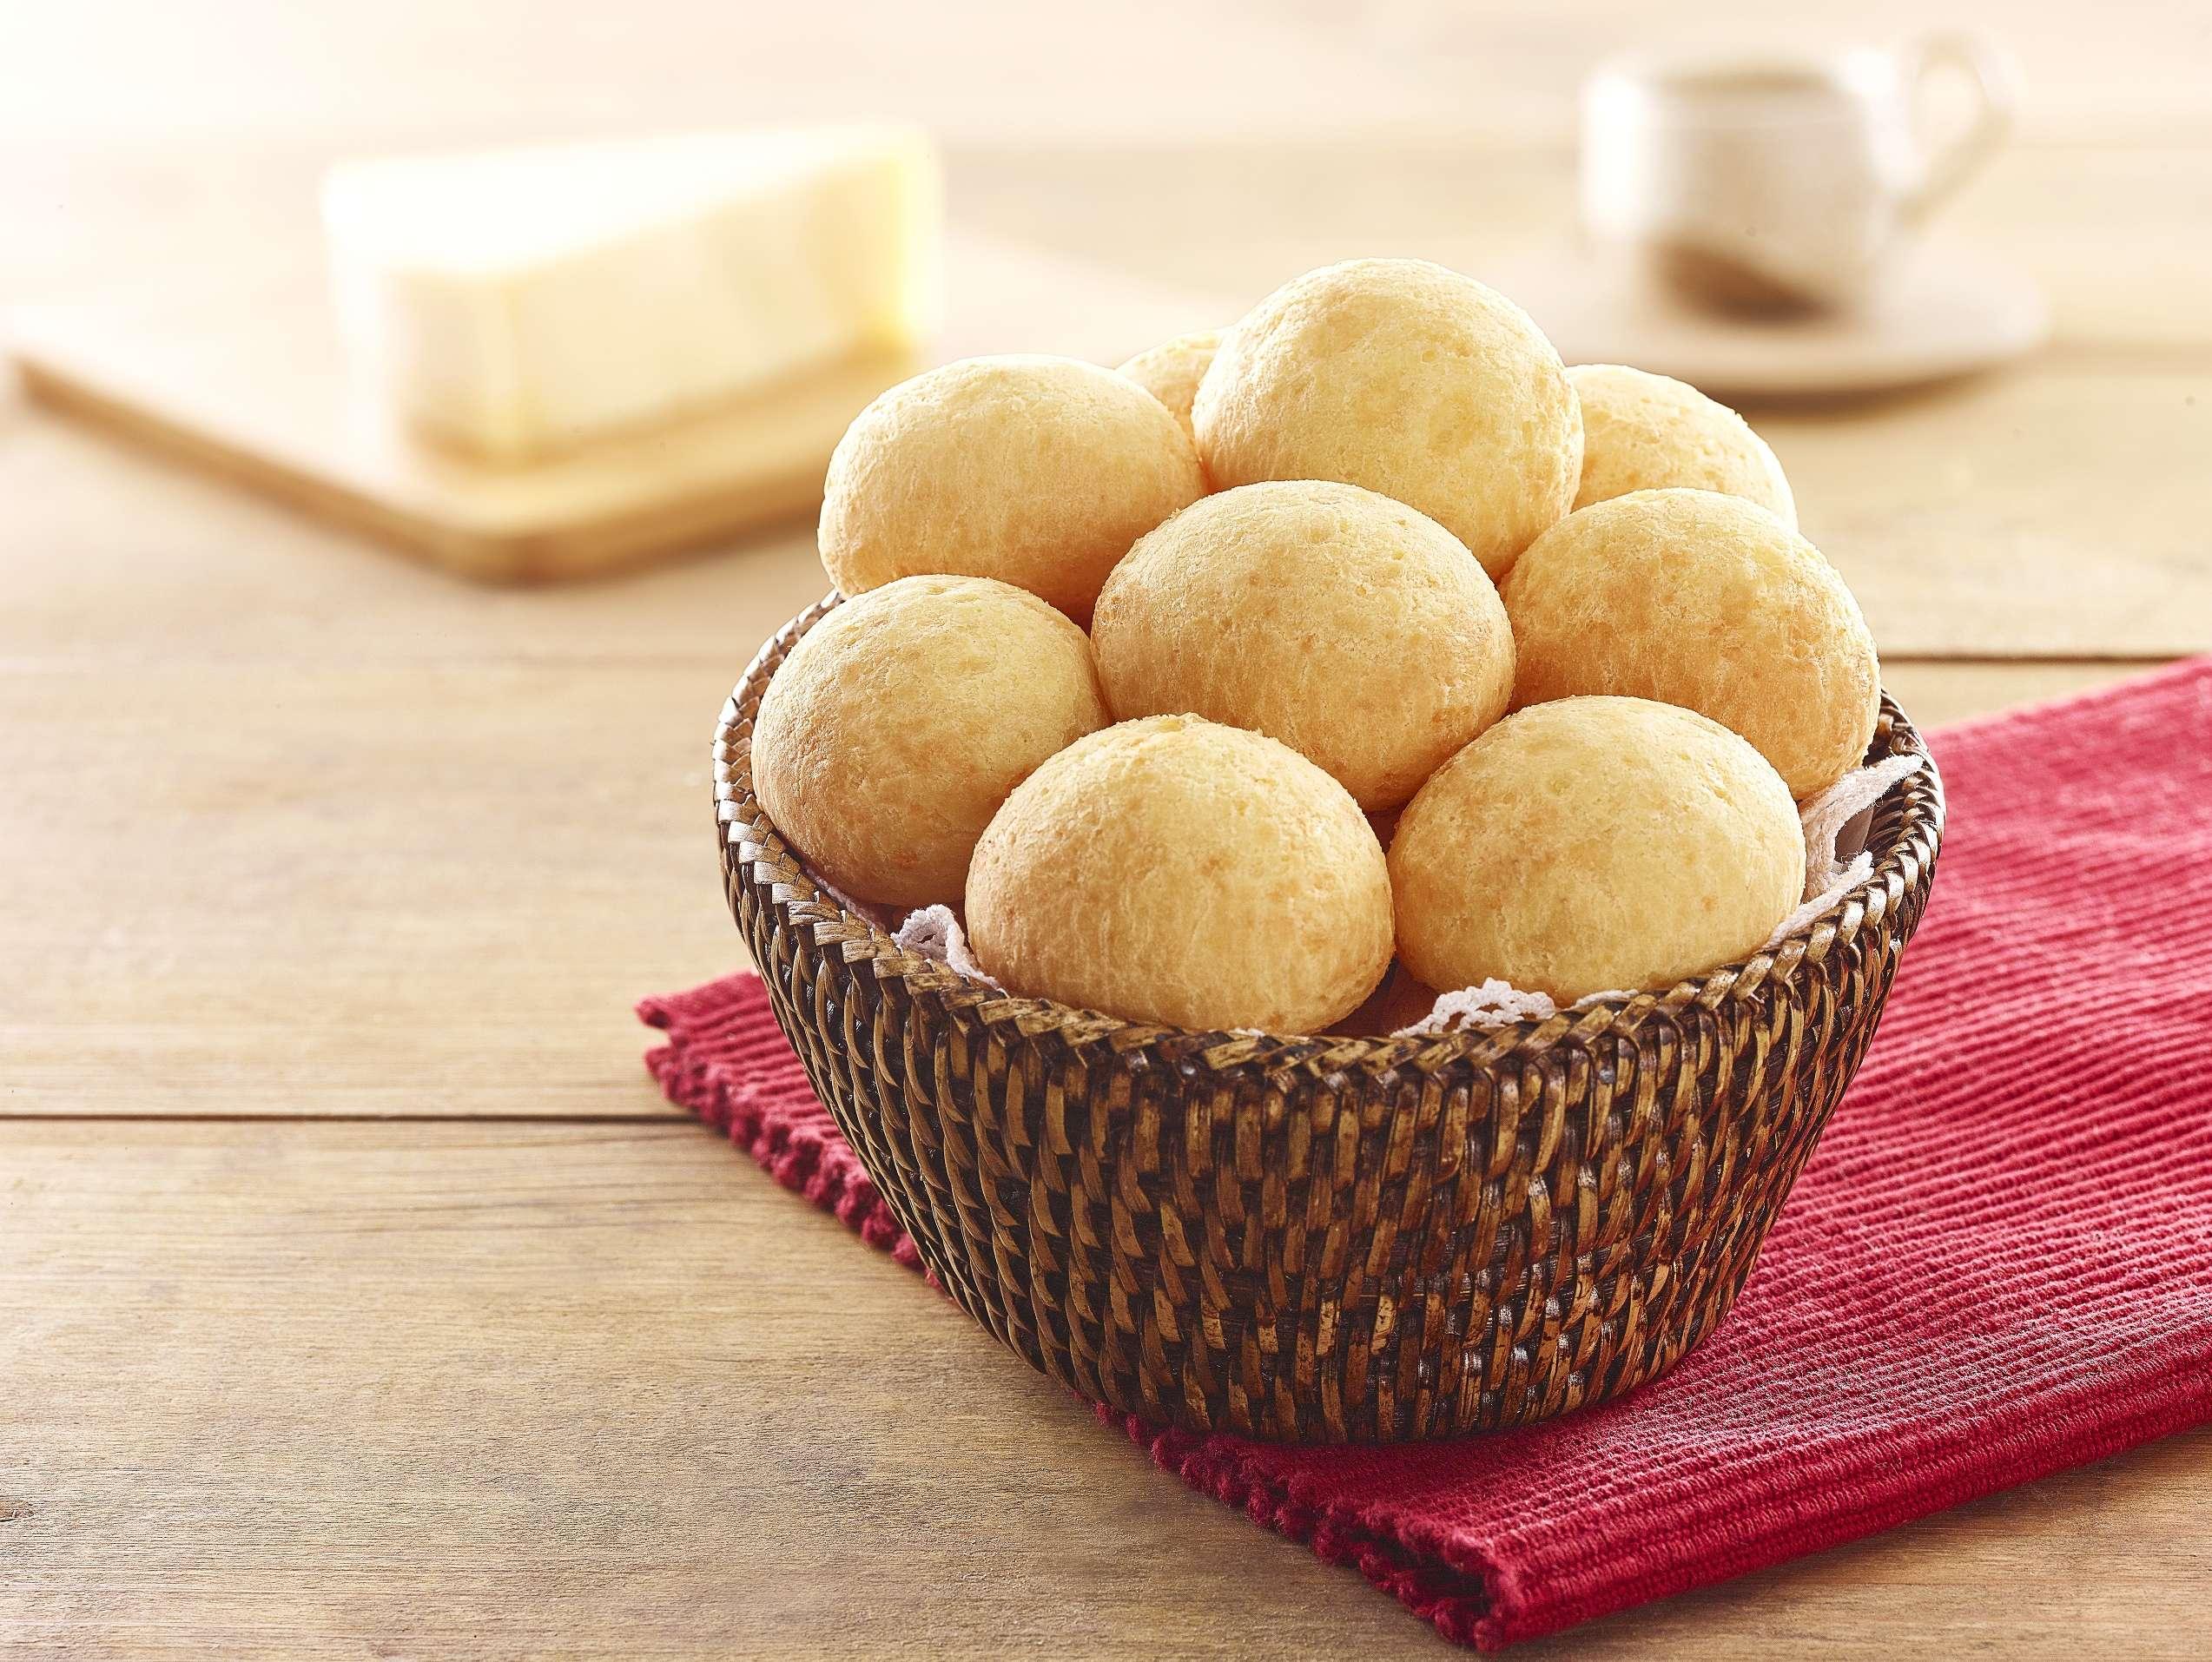 Hoje é o dia de celebrar a iguaria mineira, o Pão de Queijo